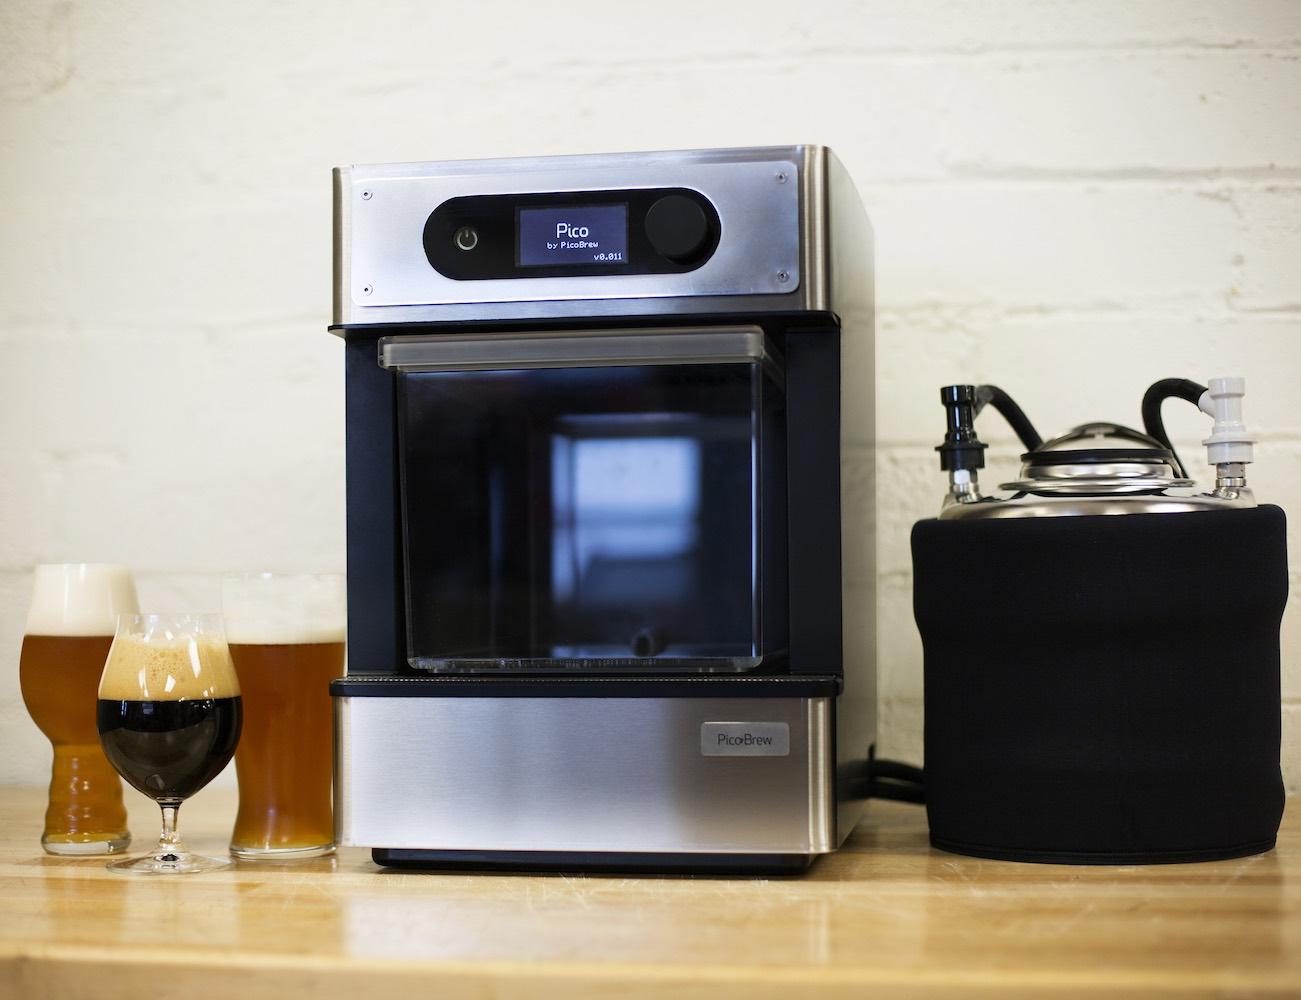 PicoBrew Pico – Craft Beer at Home